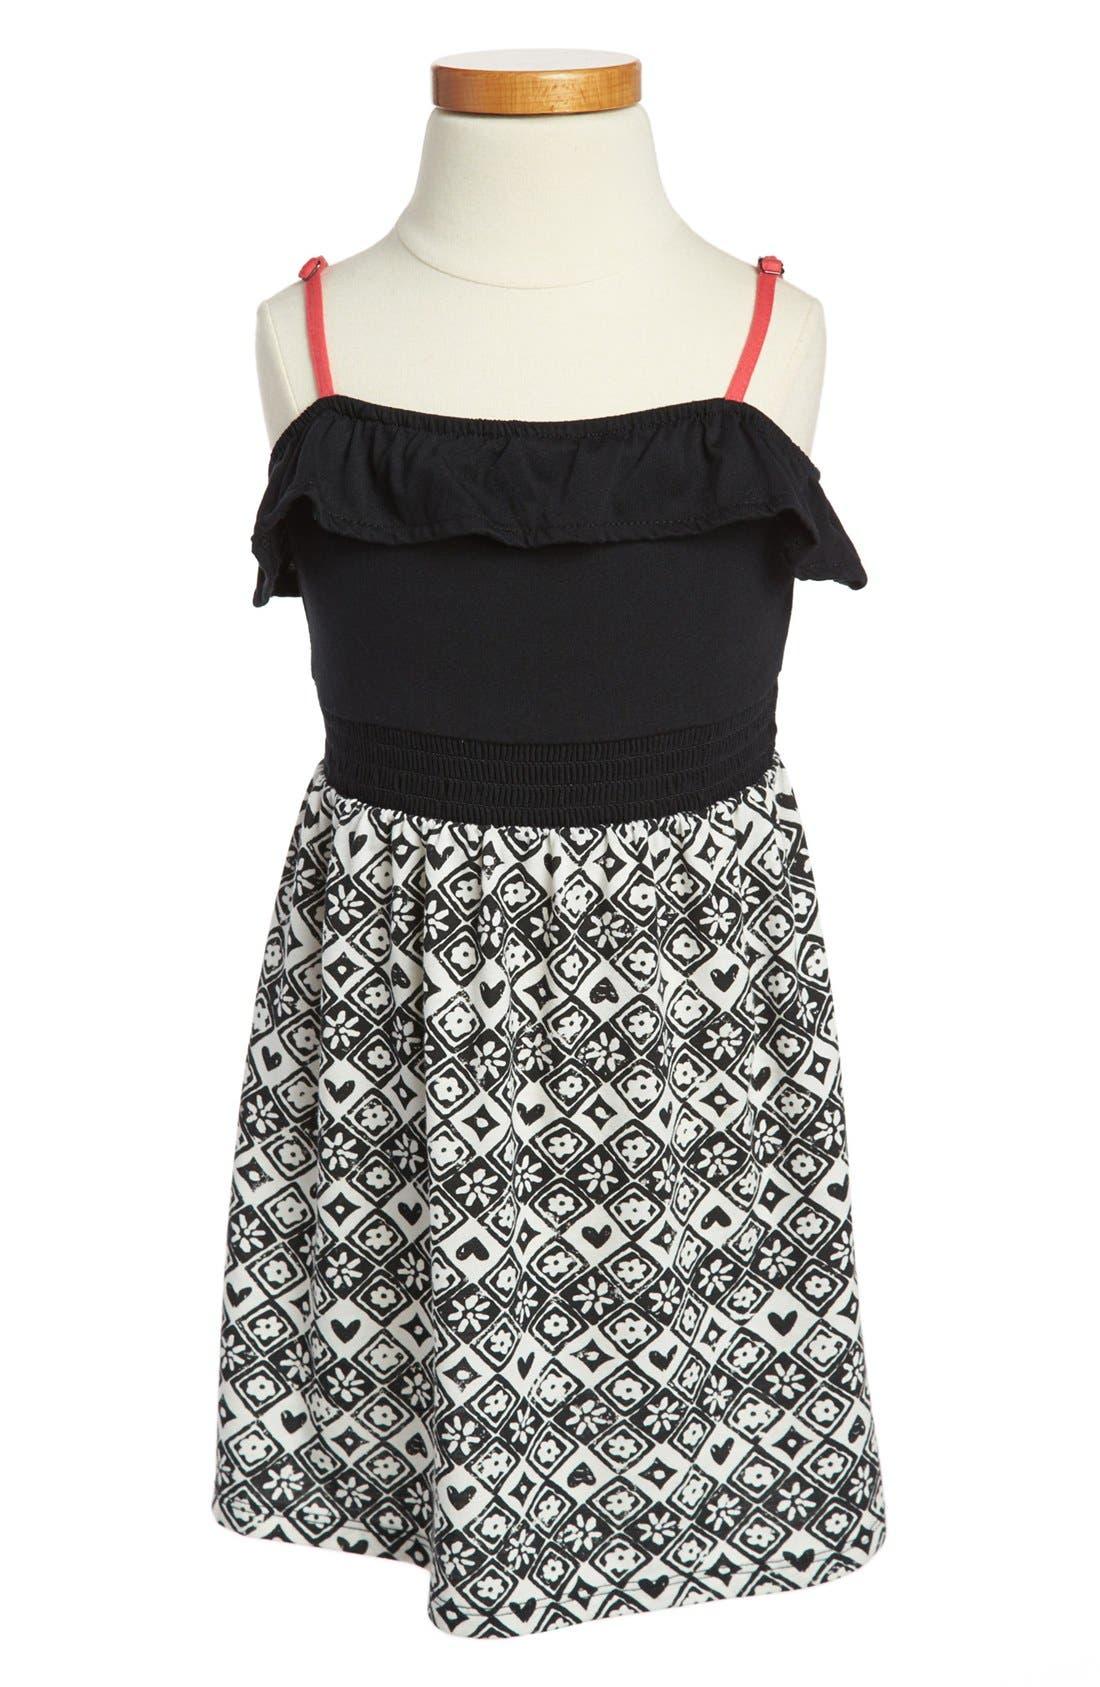 Main Image - Roxy 'Sweet Escape' Dress (Little Girls)